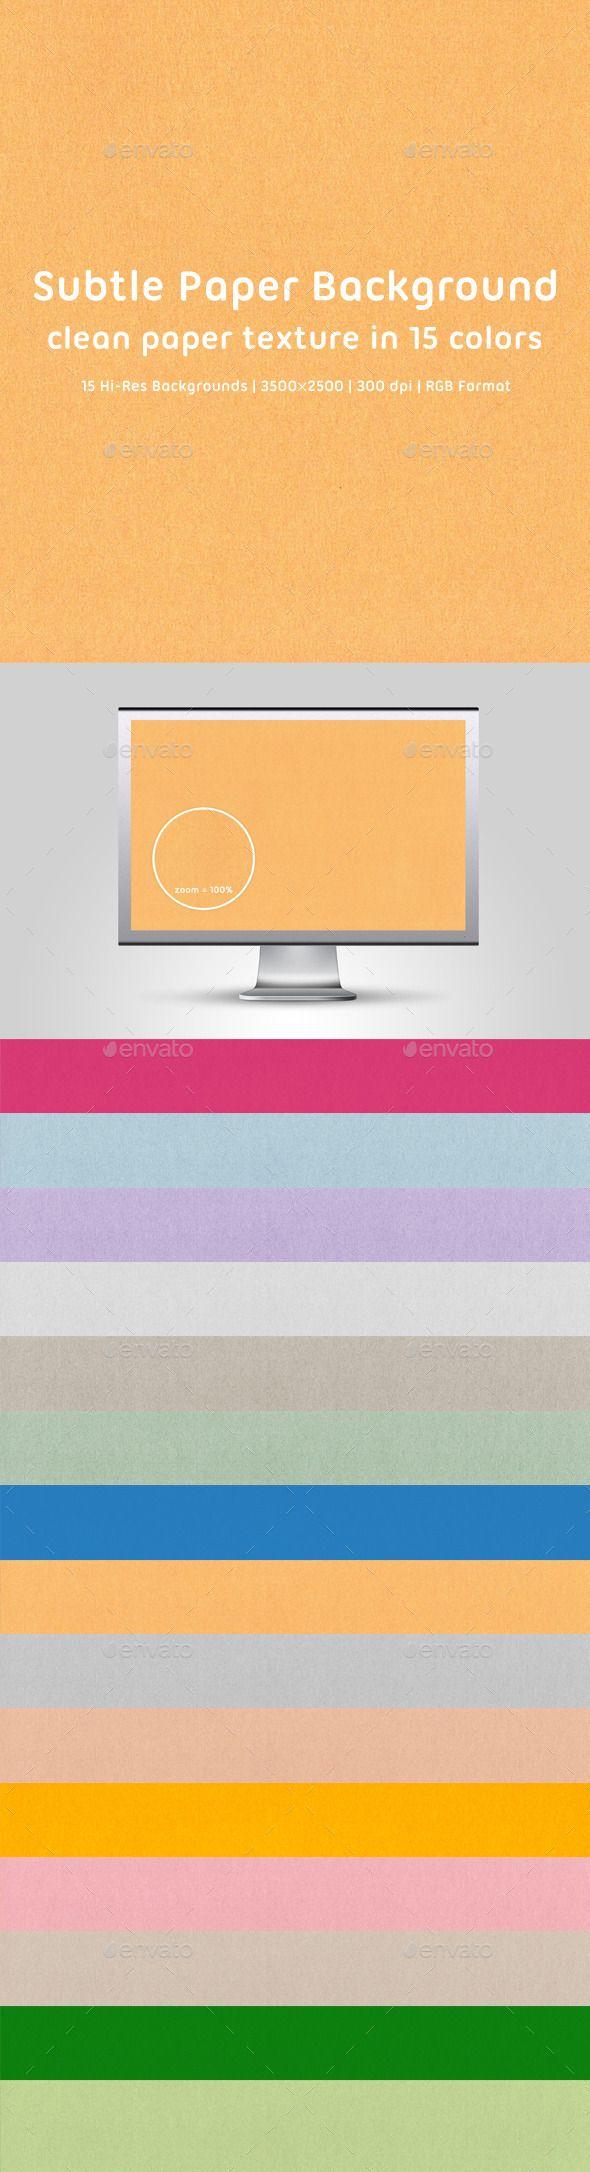 paper textures backgrounds � subtle paper backgrounds